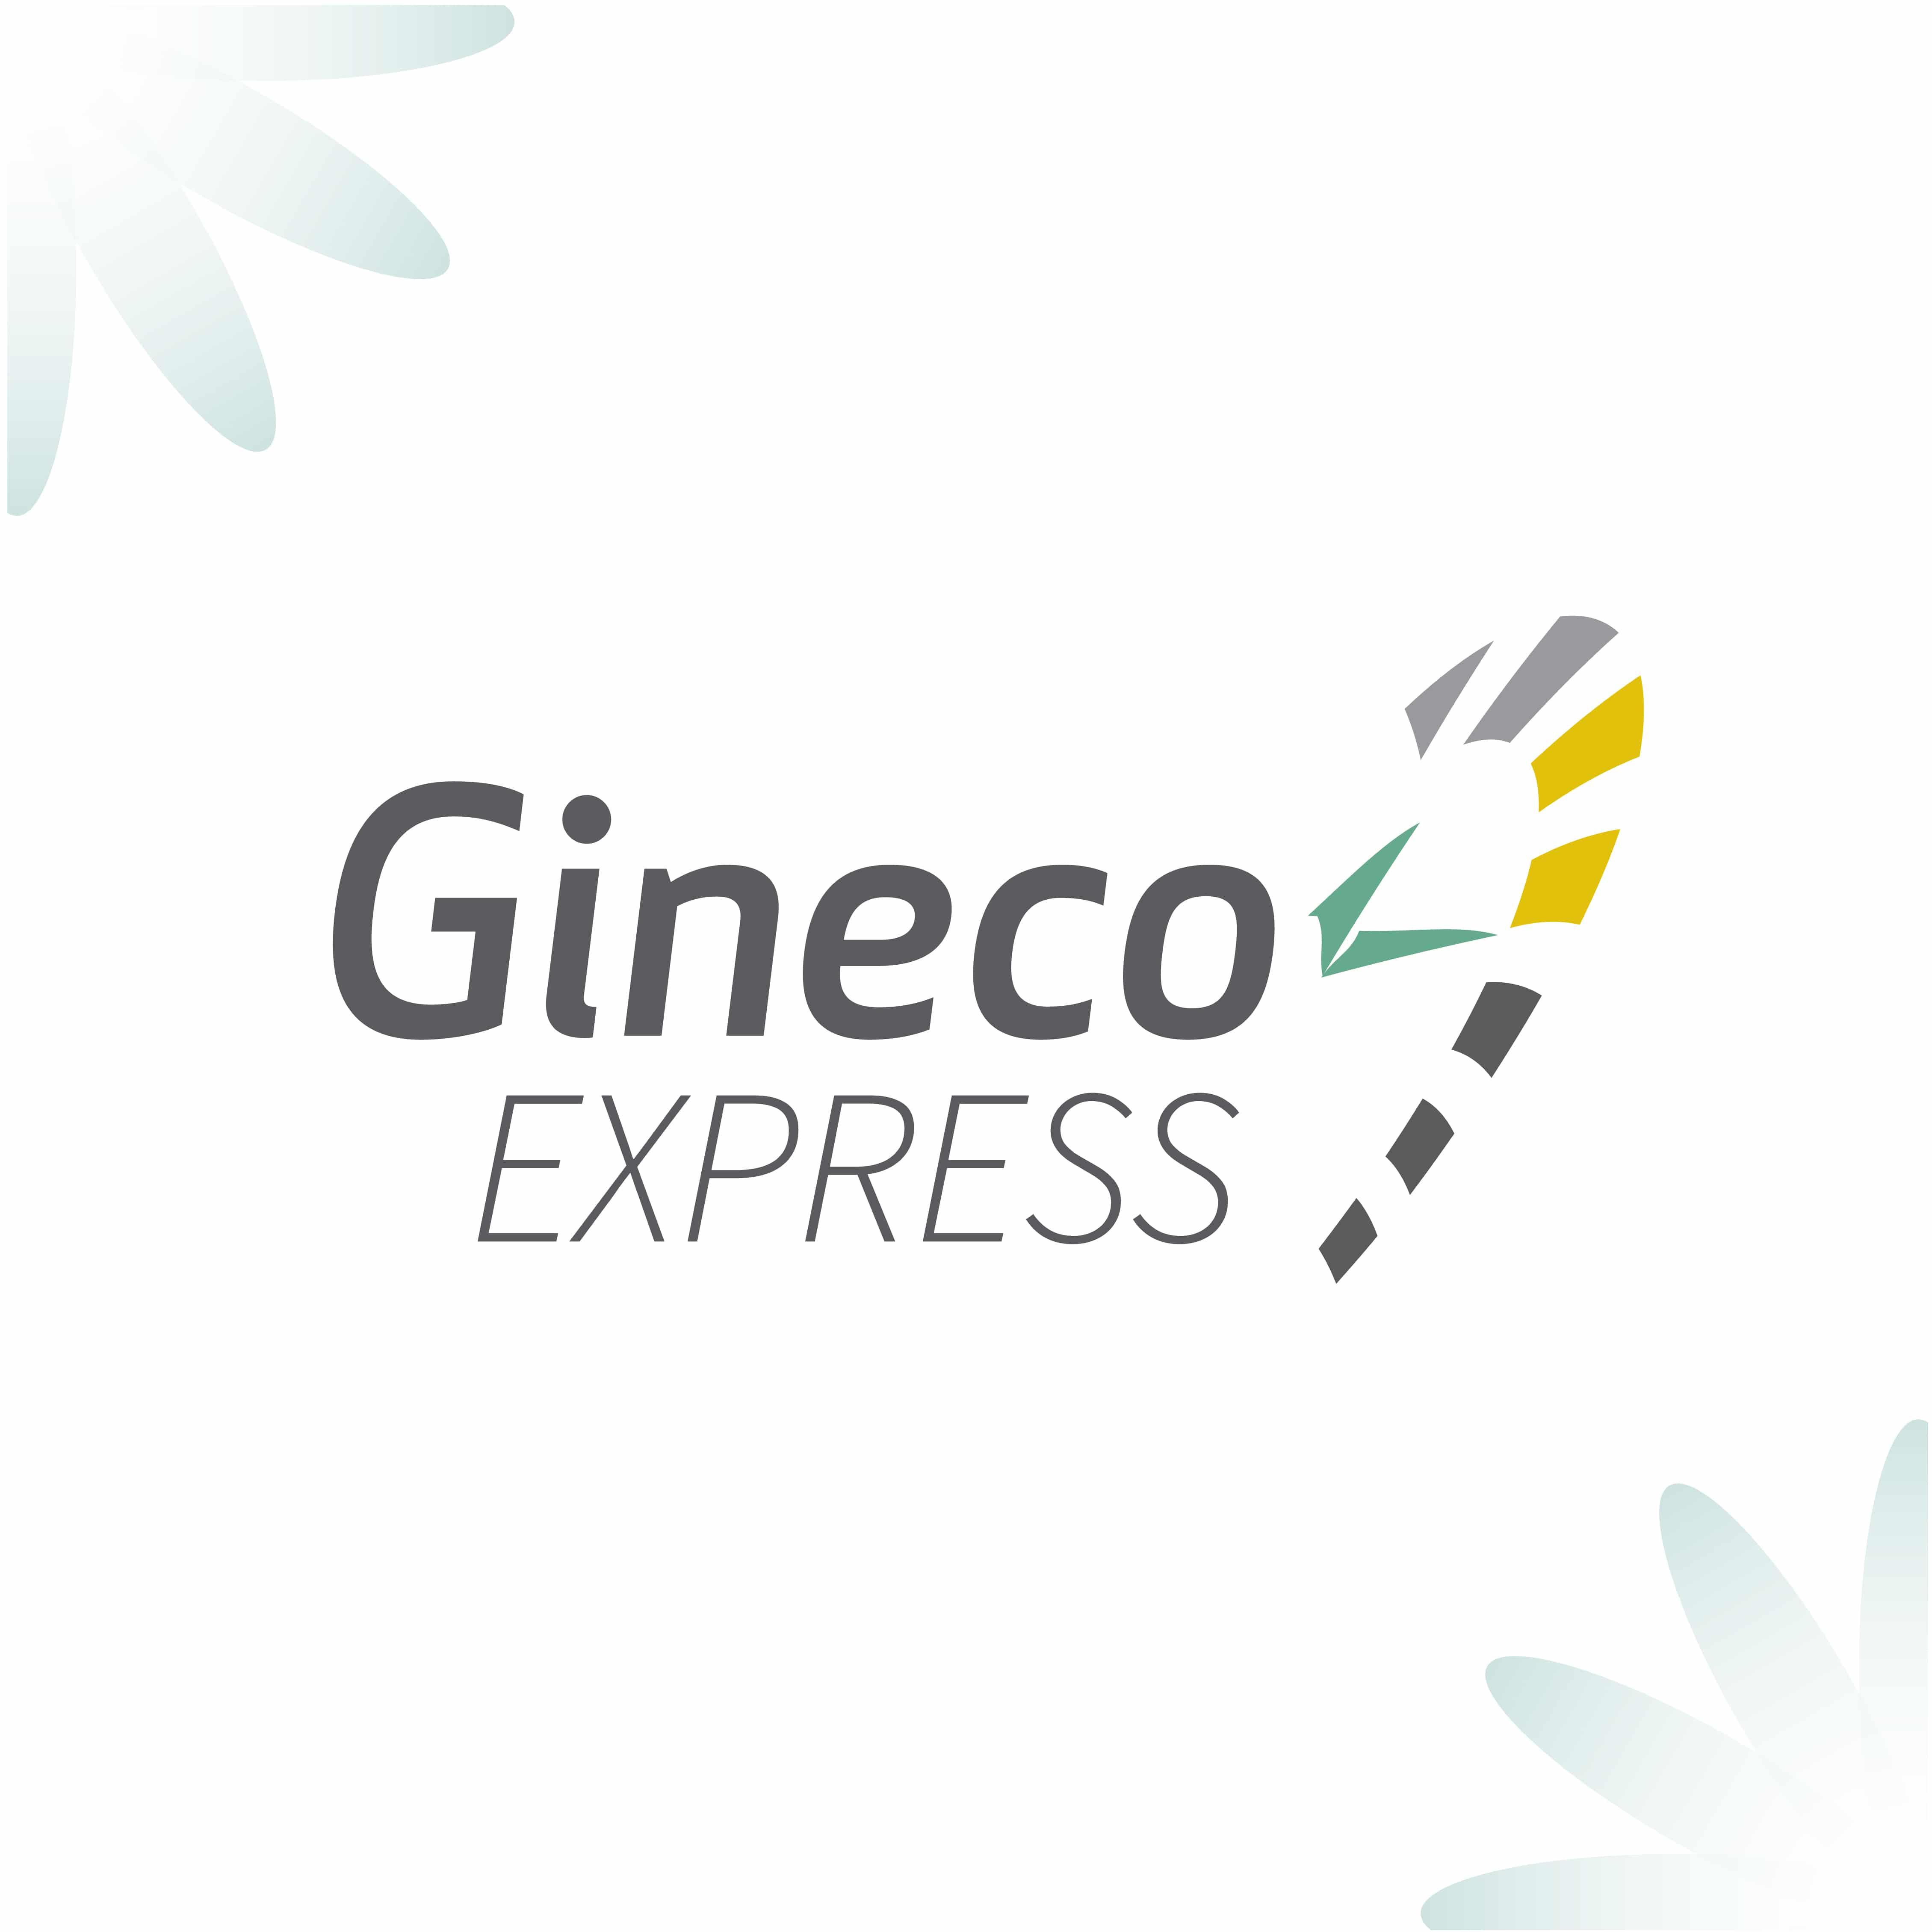 gineco-express-la-plata-ginecologia